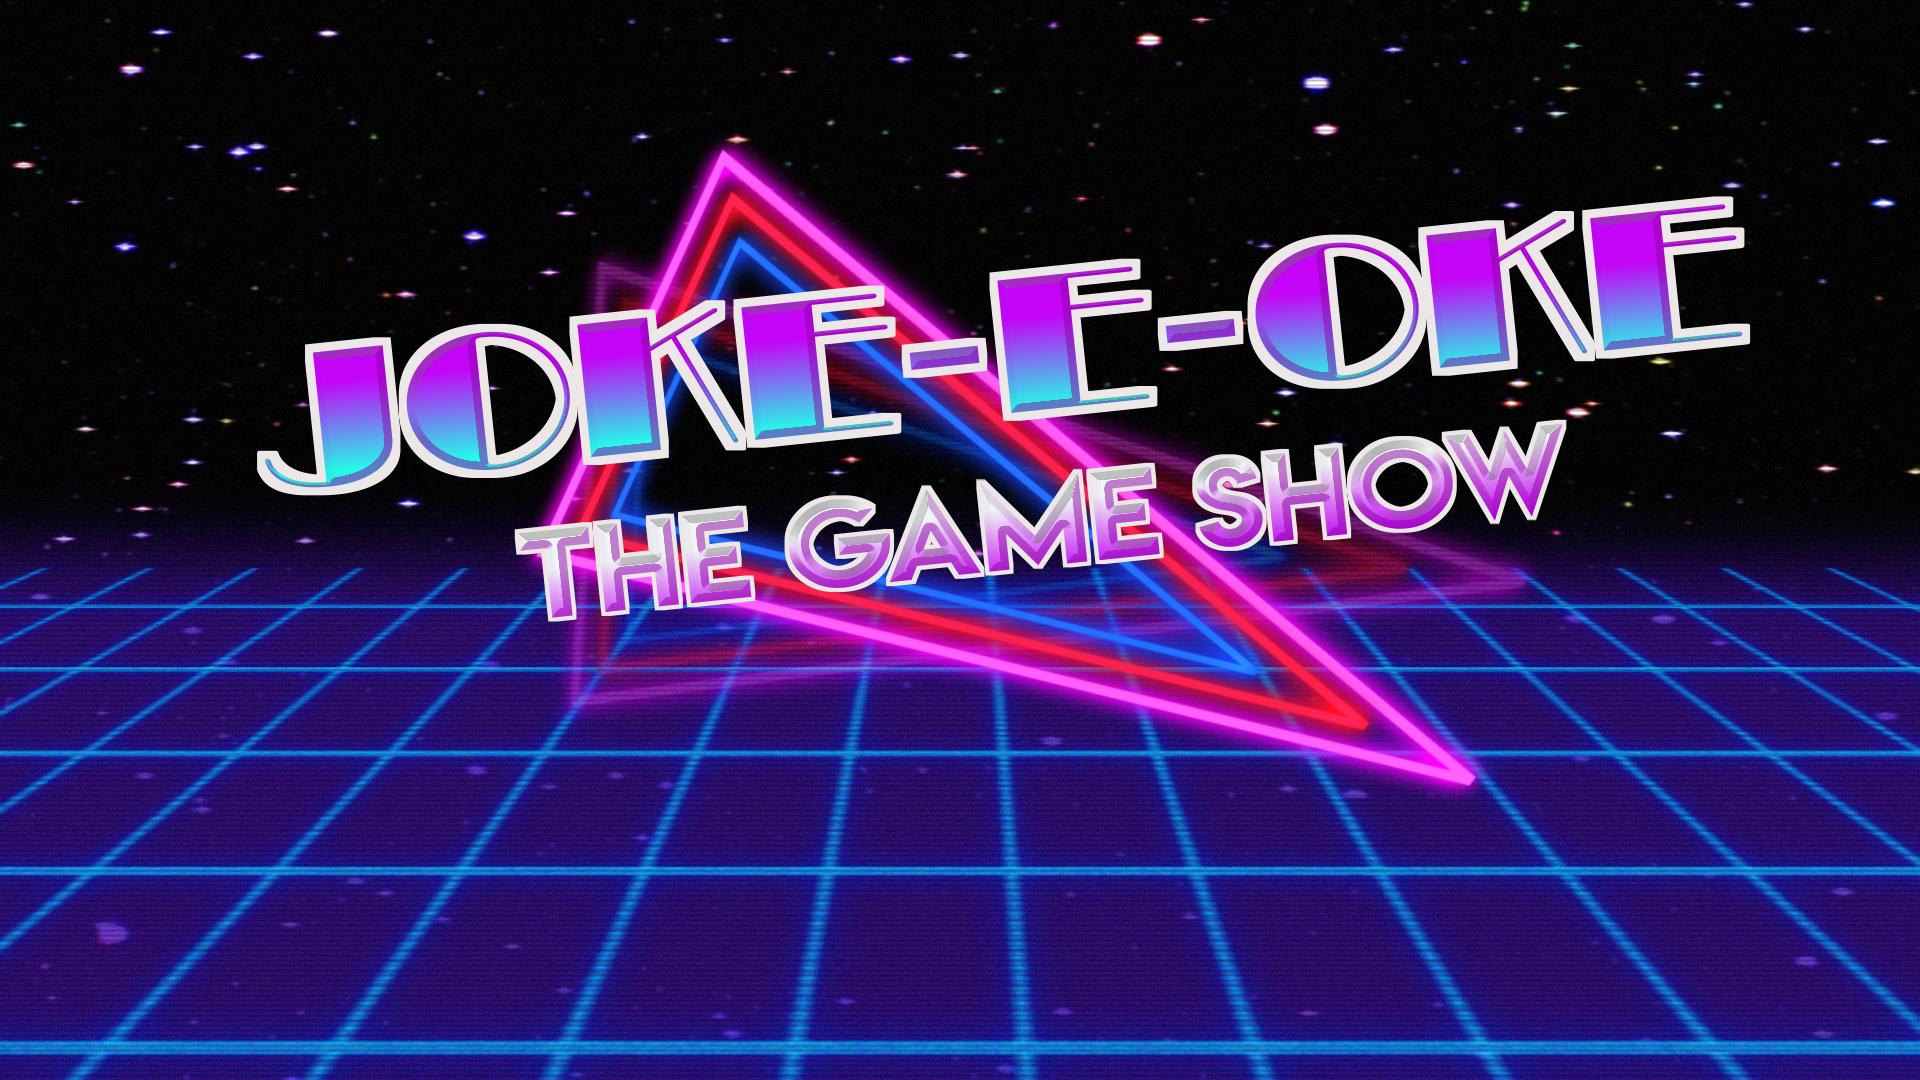 Joke-eoke_Logo.jpg